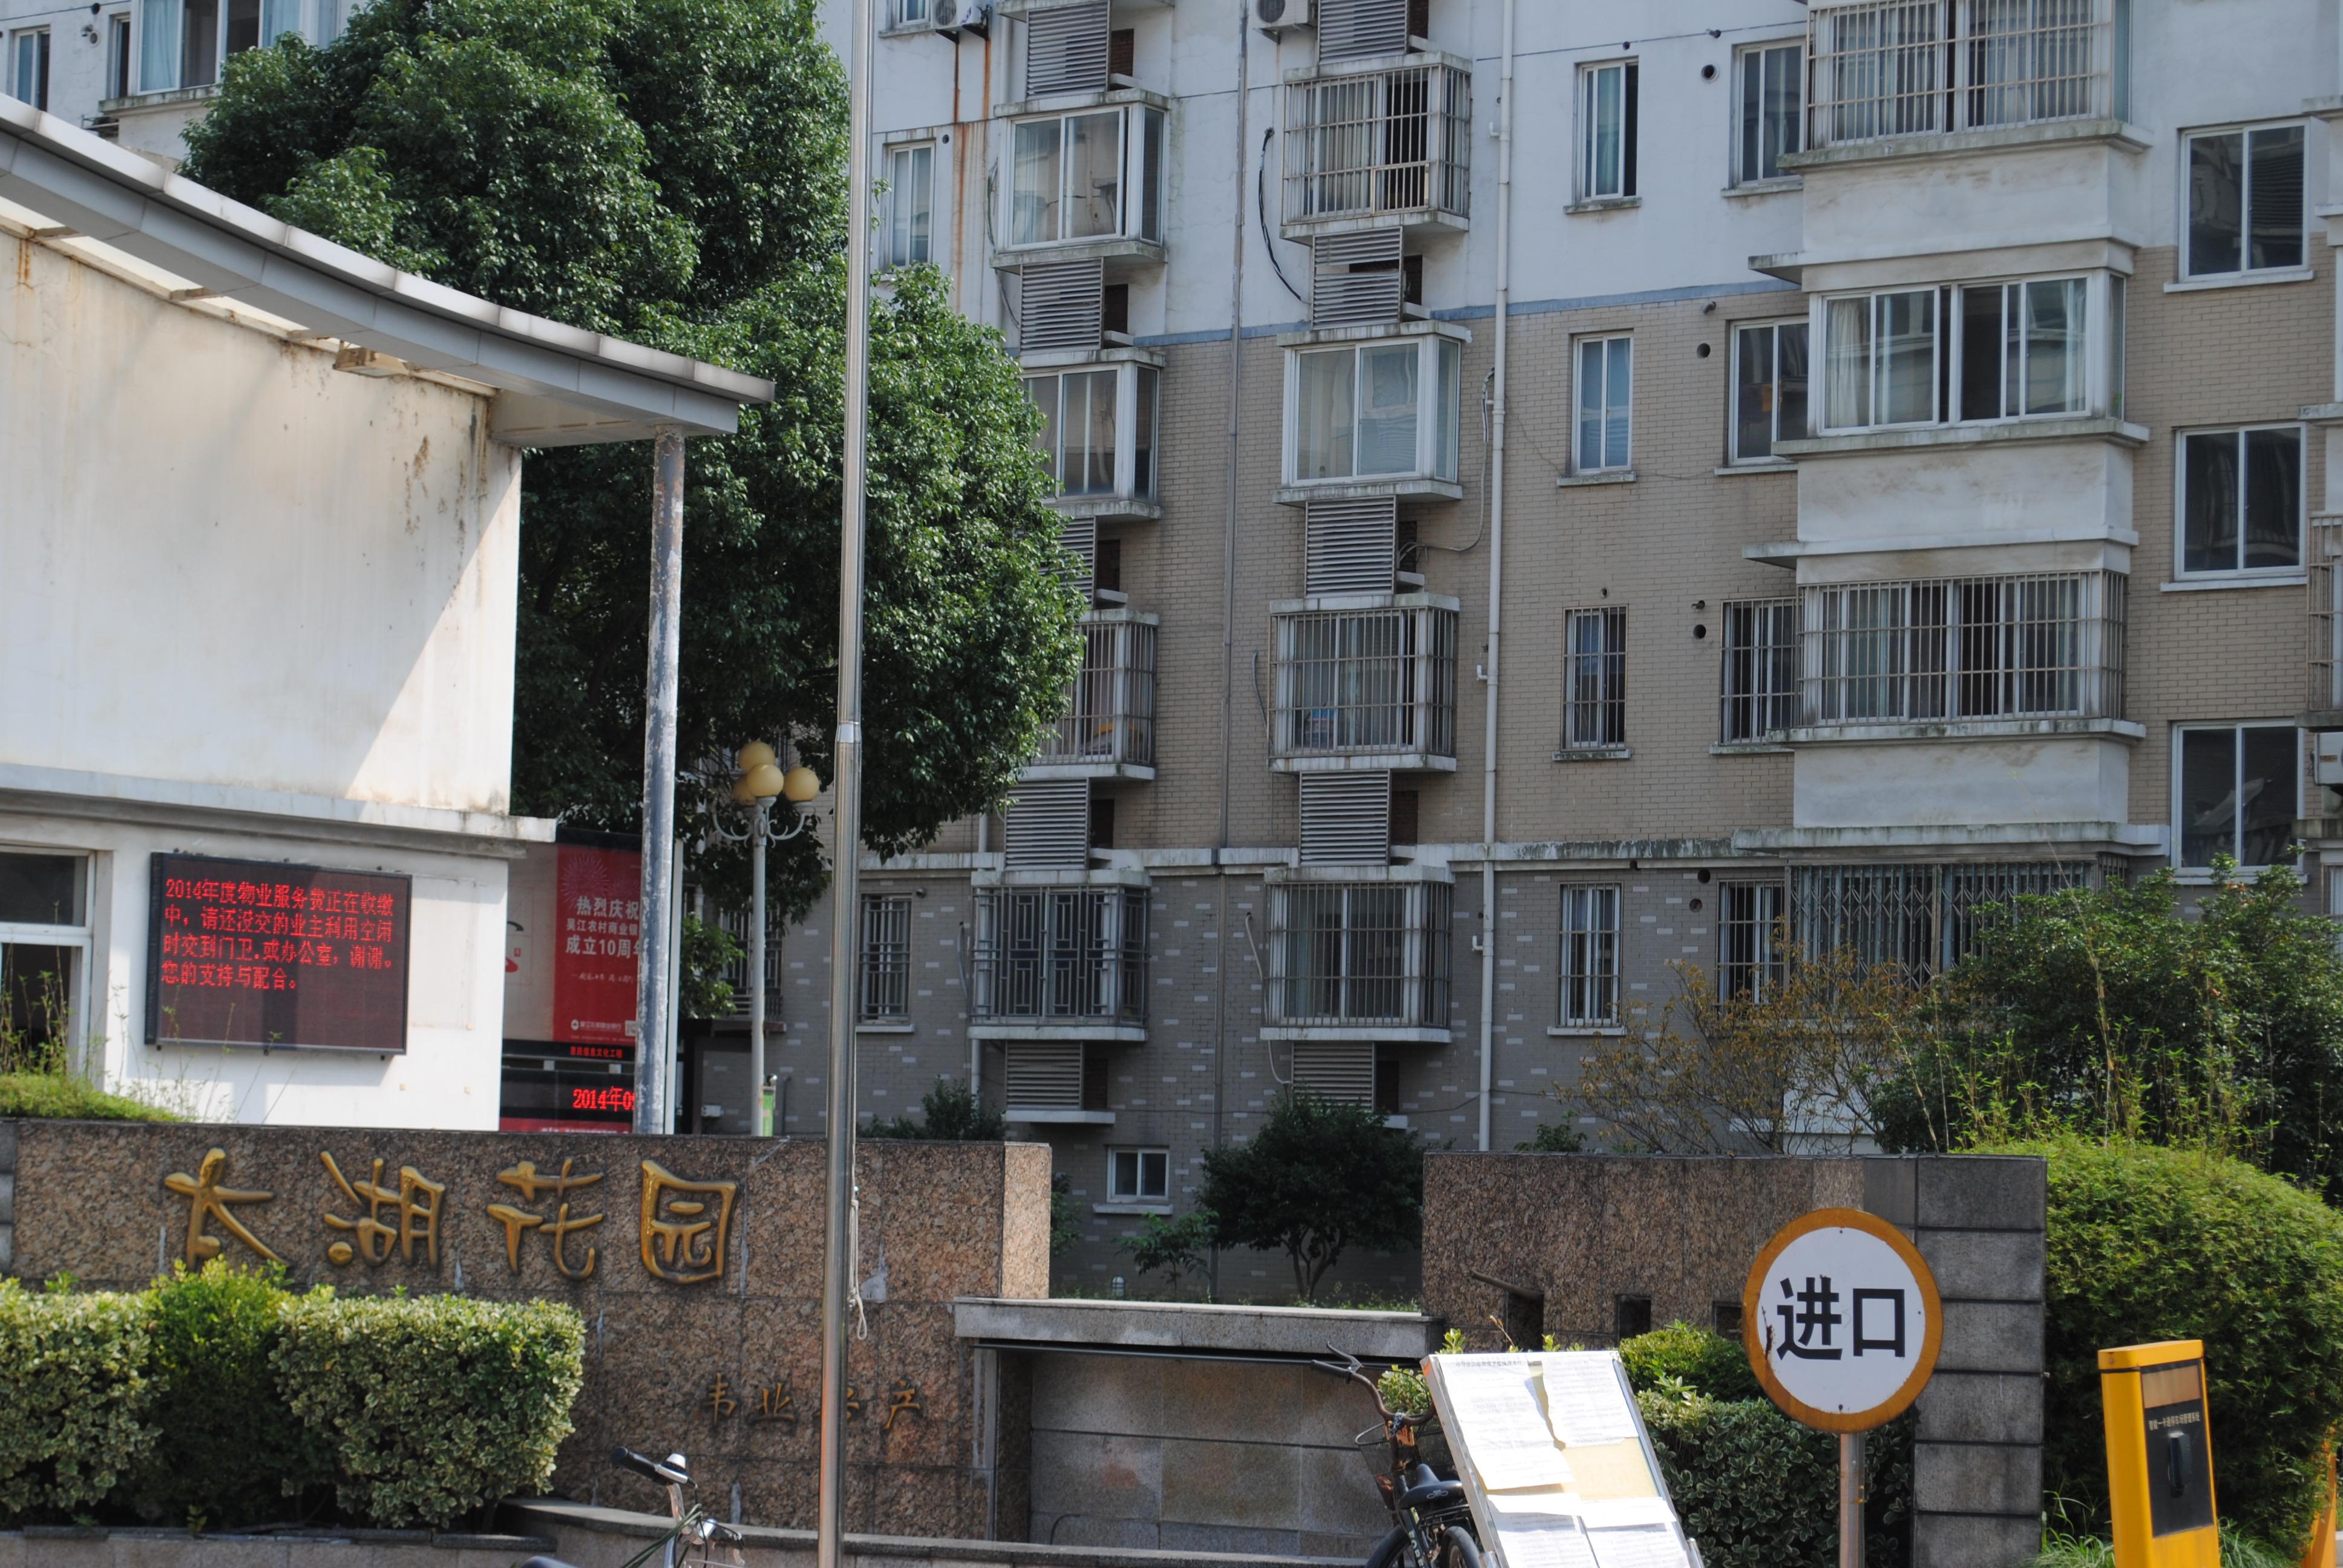 426太湖小区3-4楼【复式 双实验 送汽车库】